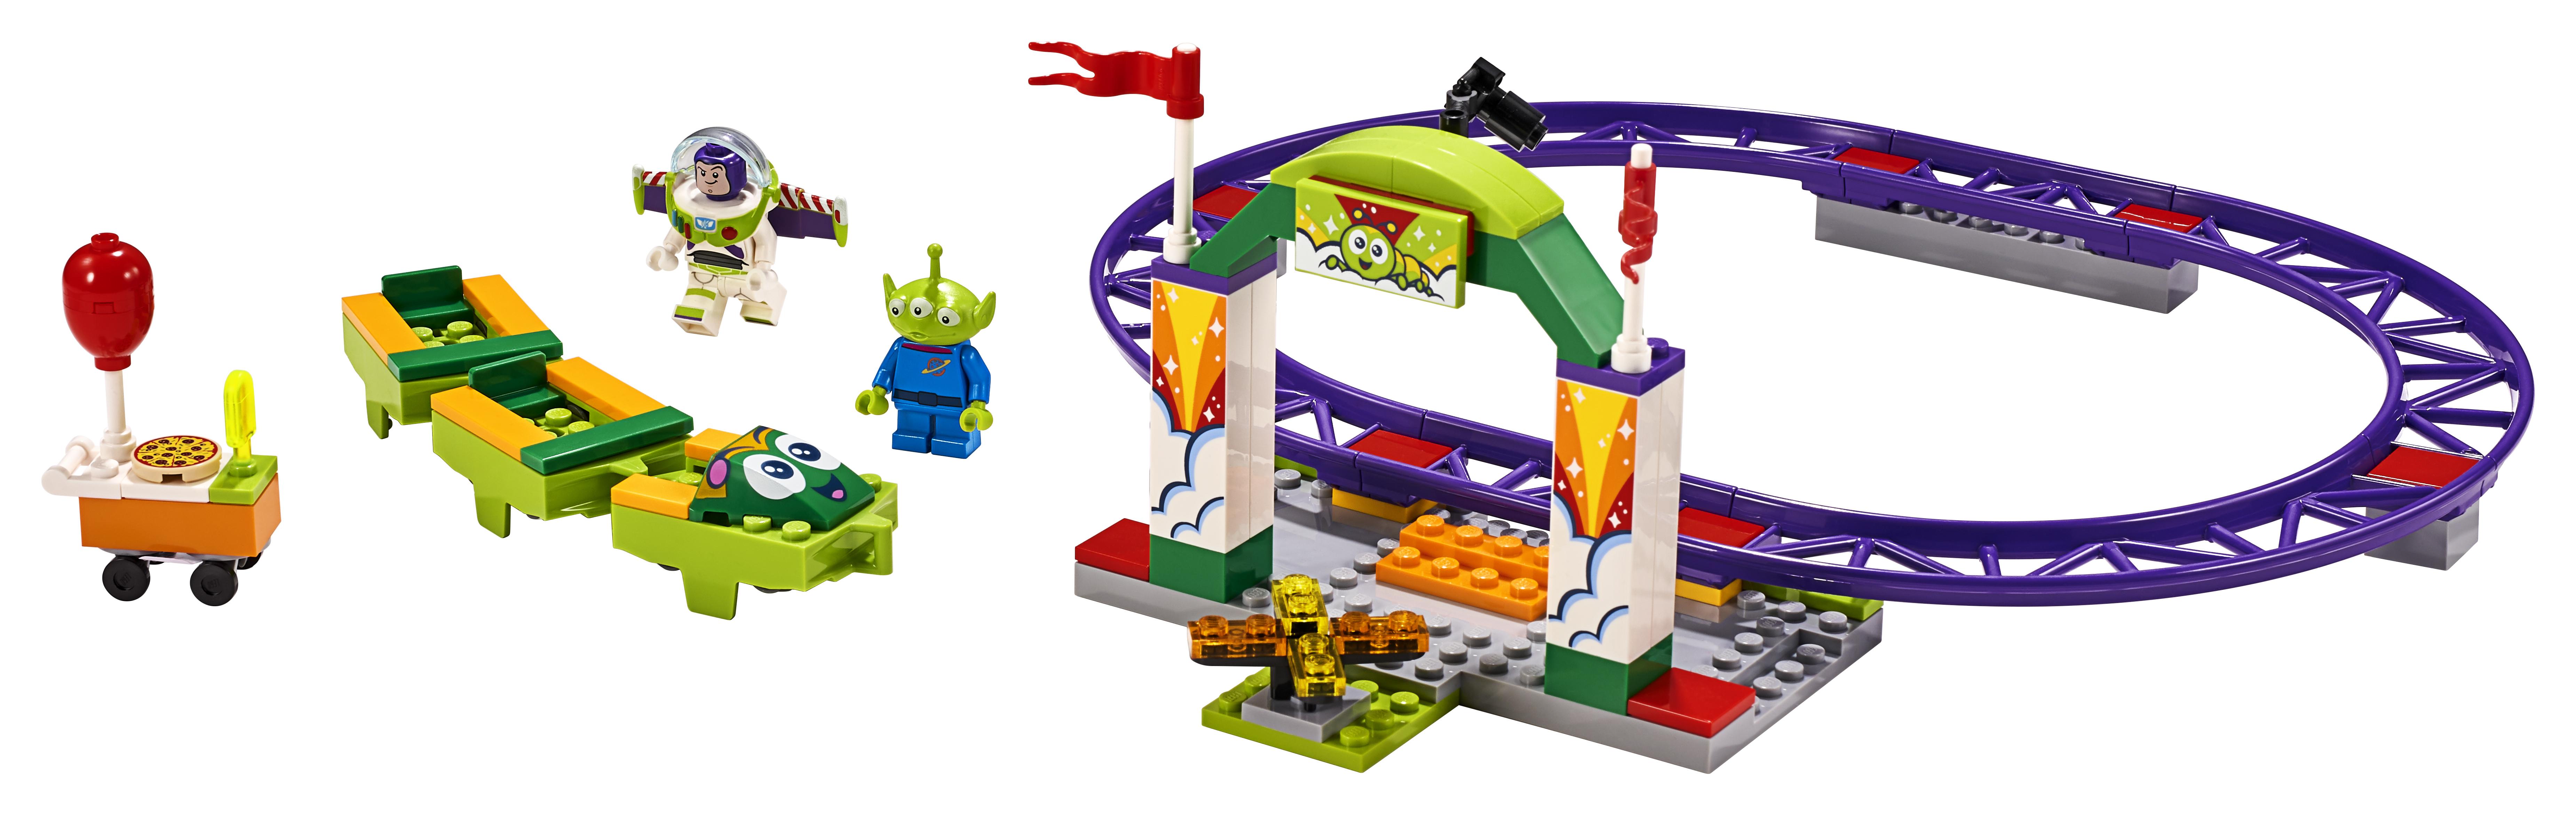 10771 – Carnival Thrill Coaster